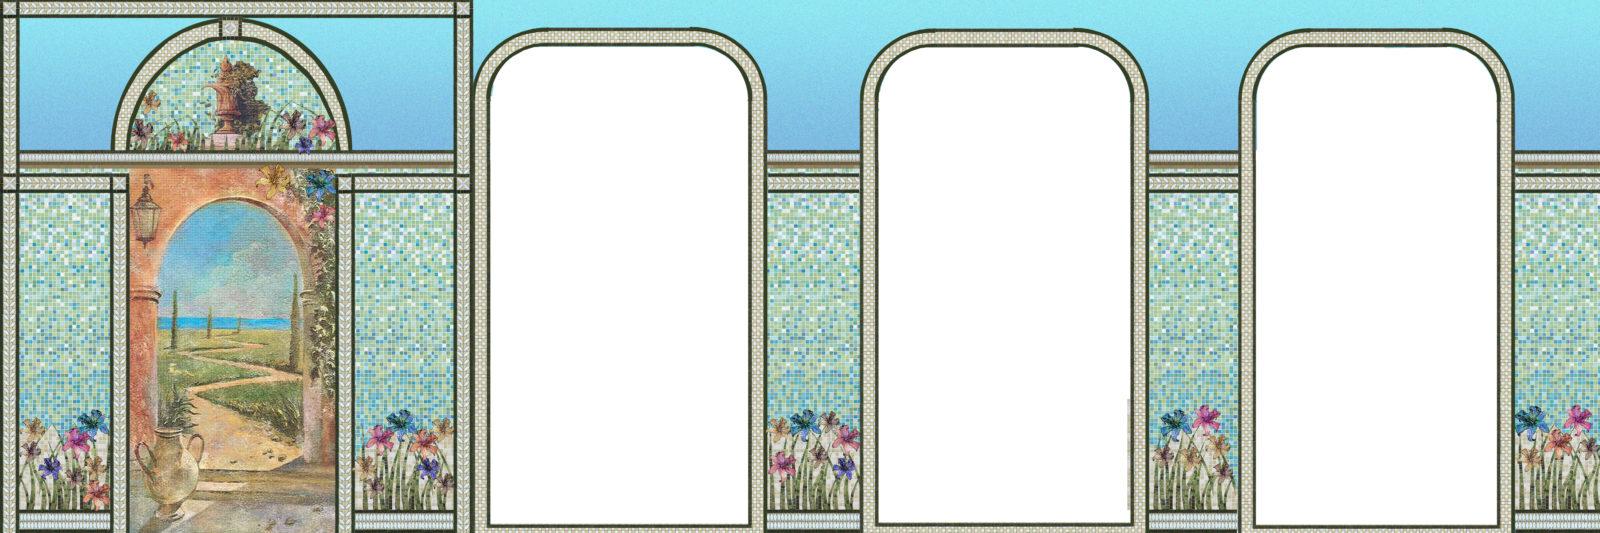 раскладка мозаичного панно